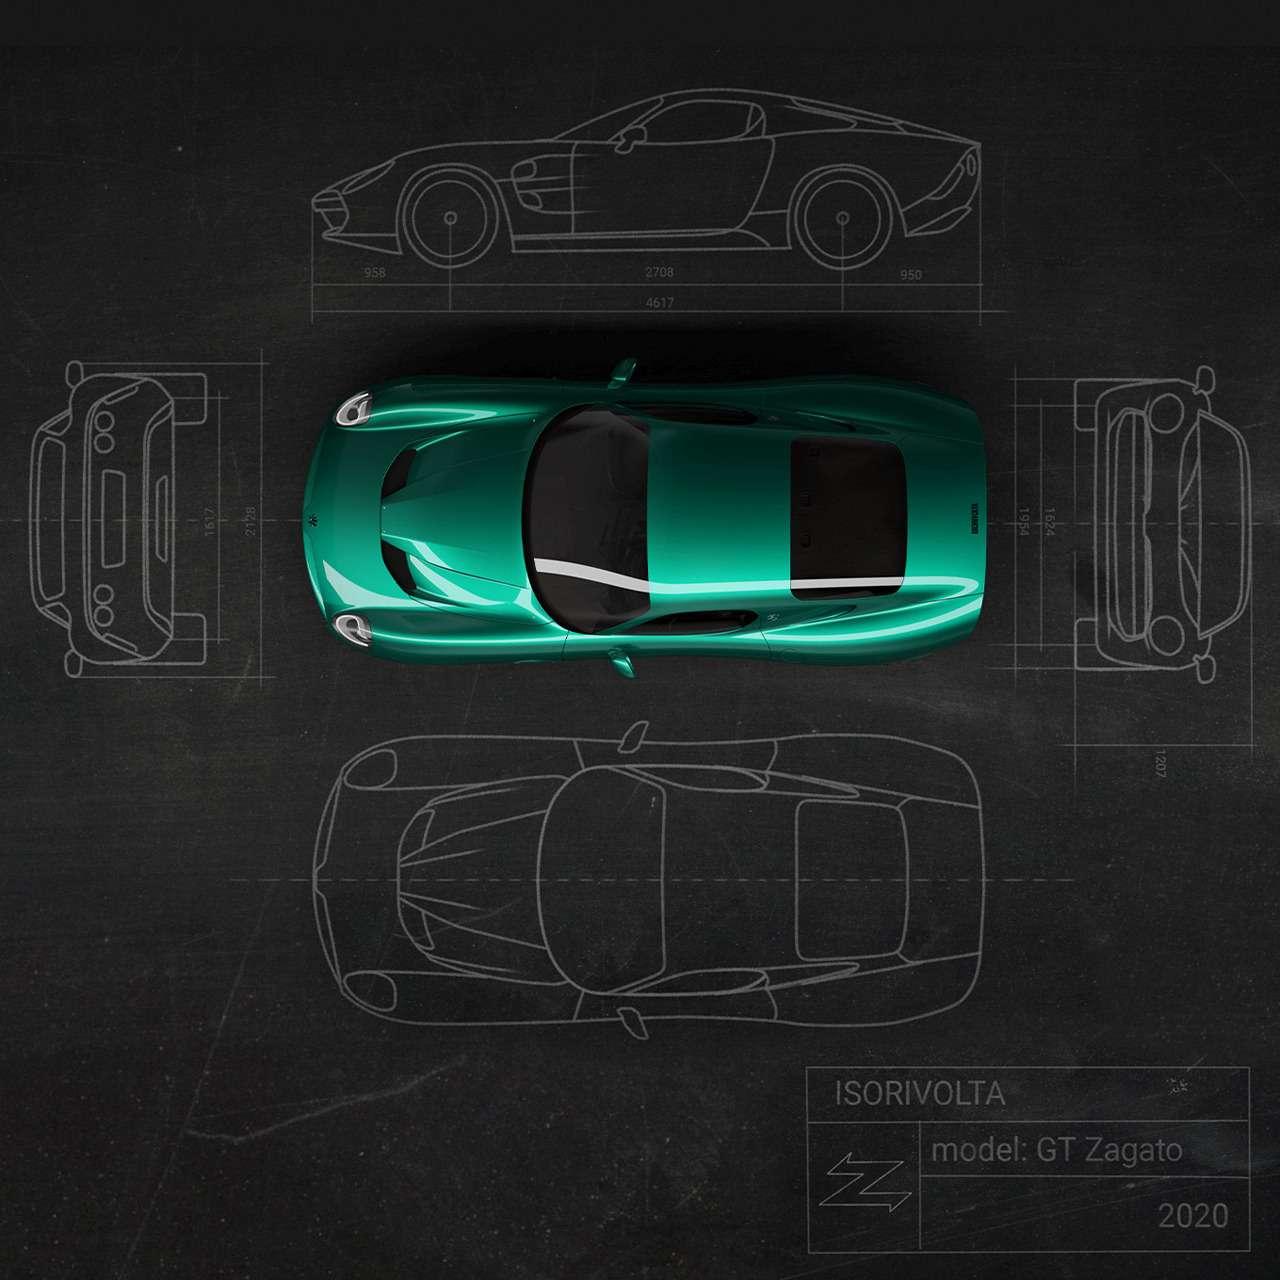 Взгляд не оторвать: Итальянская Zagato готовит купе изкарбона— фото 1155523